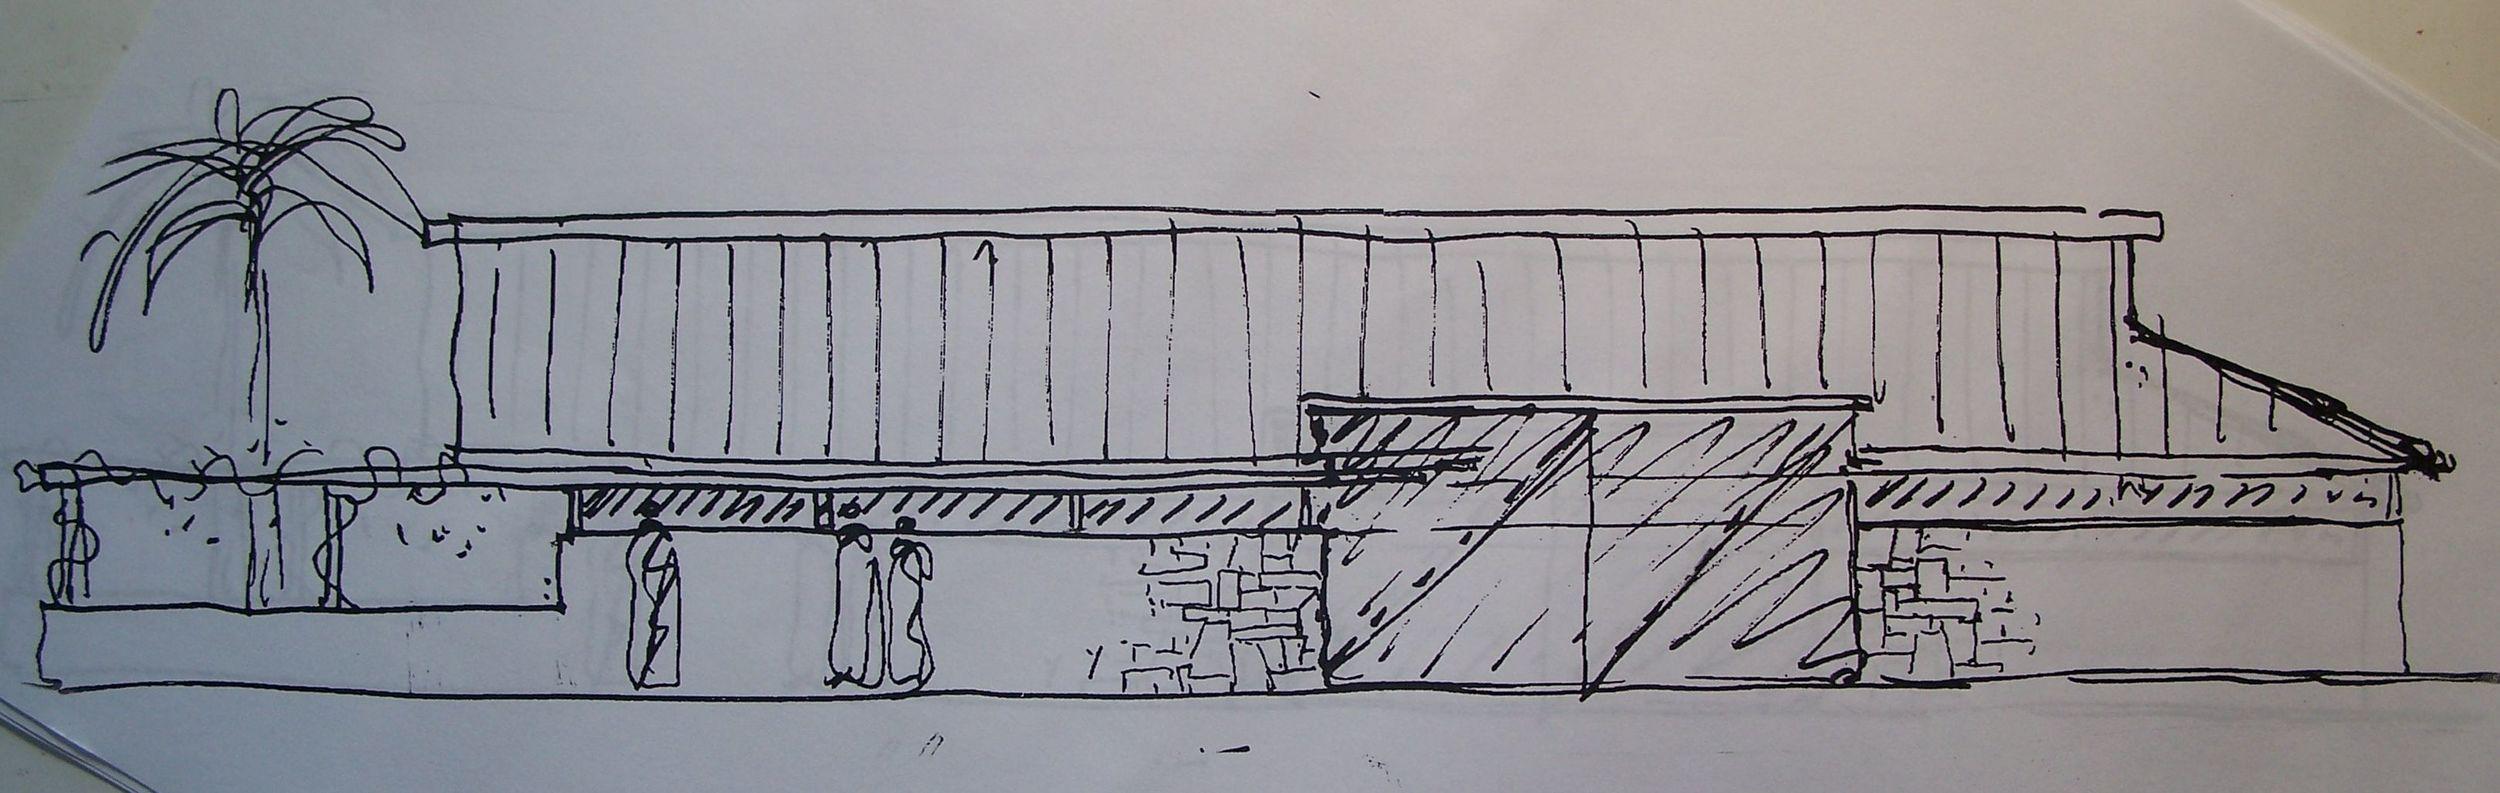 JC misc sketches 034.jpg